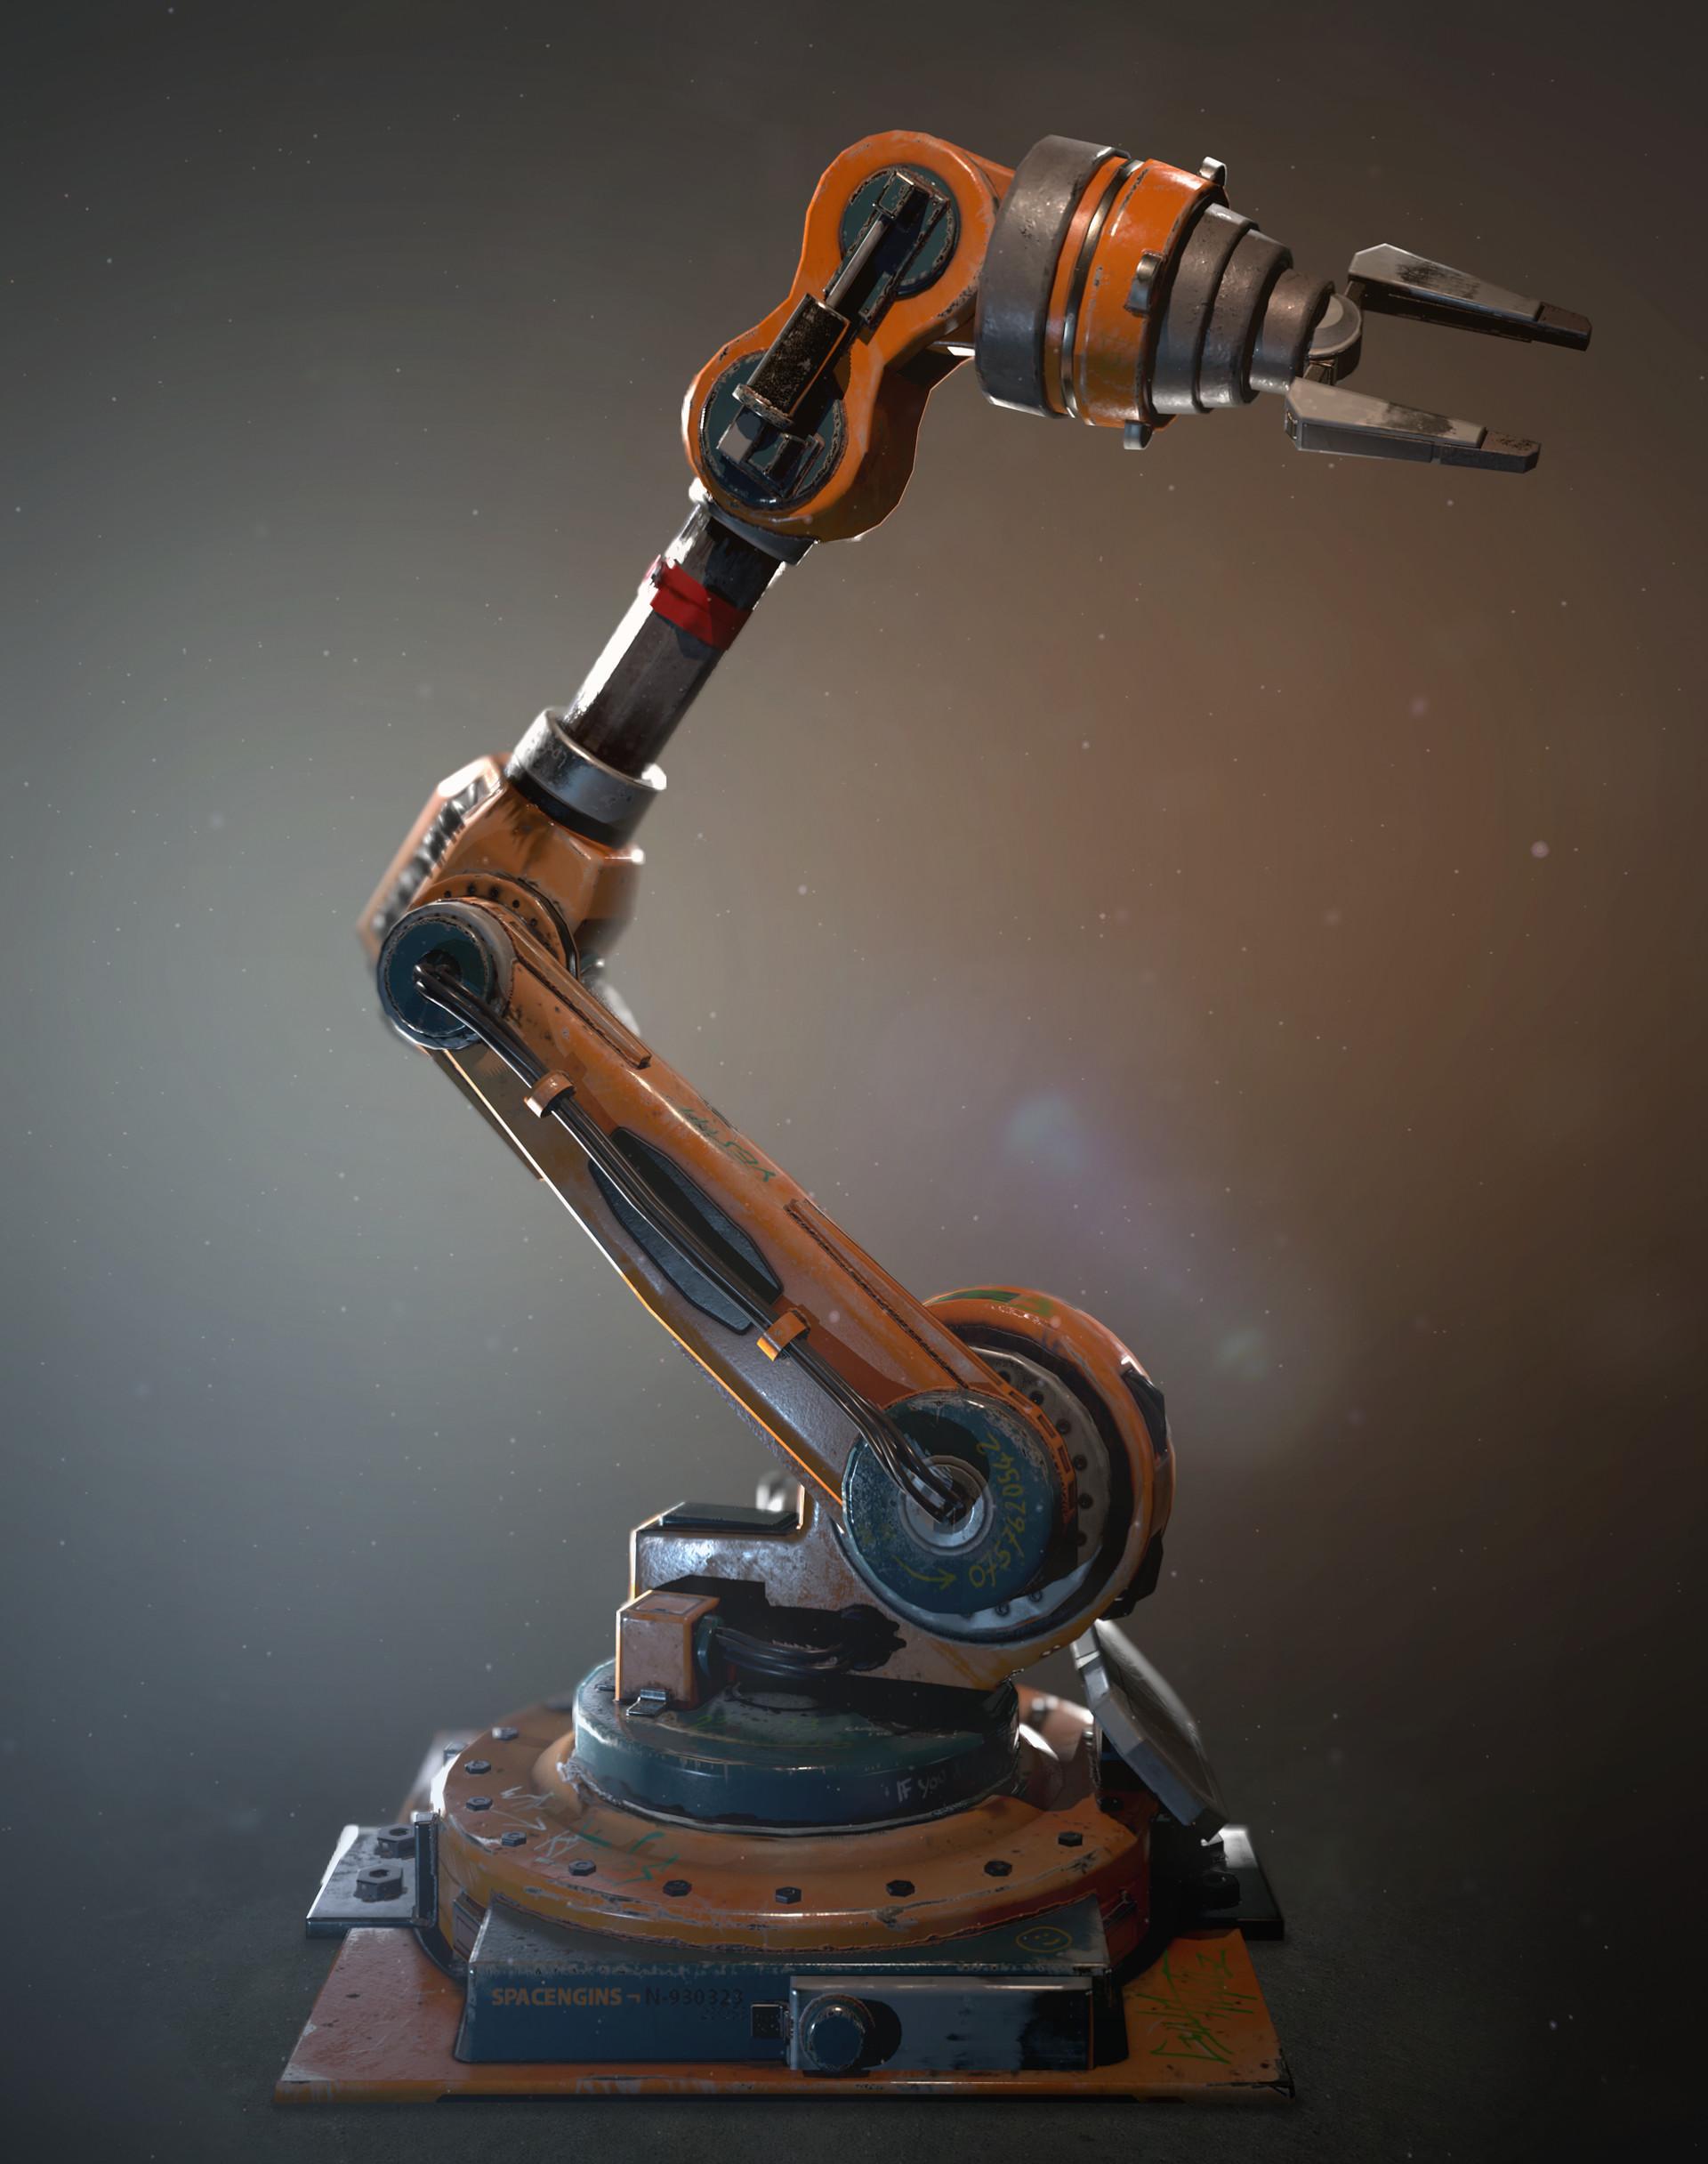 Leonardo iezzi leonardo iezzi robot arm